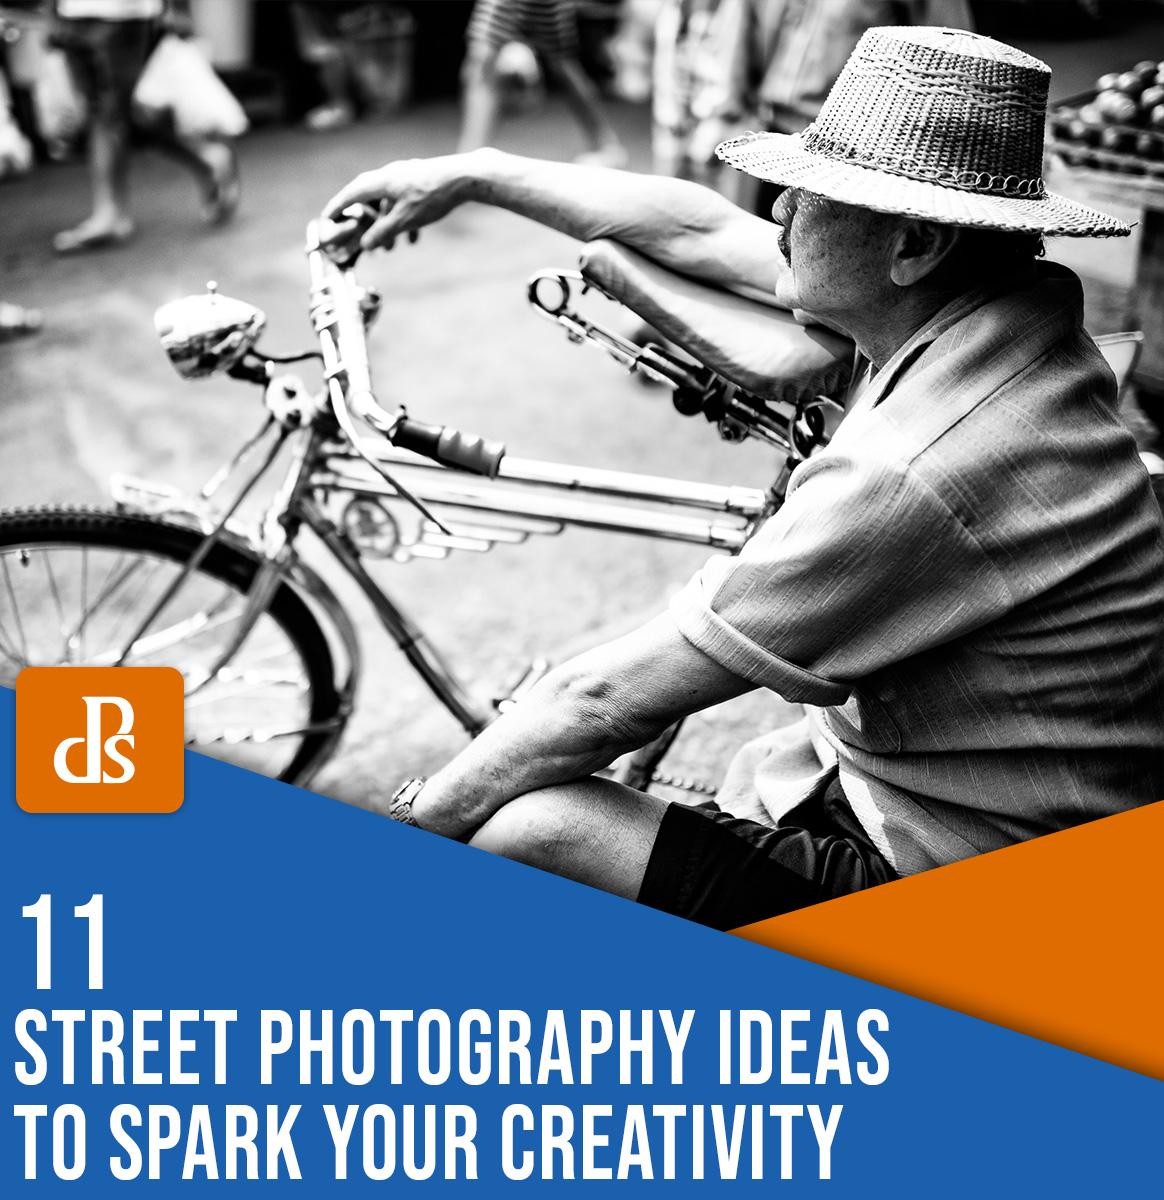 11 ideias de fotografia de rua para despertar sua criatividade